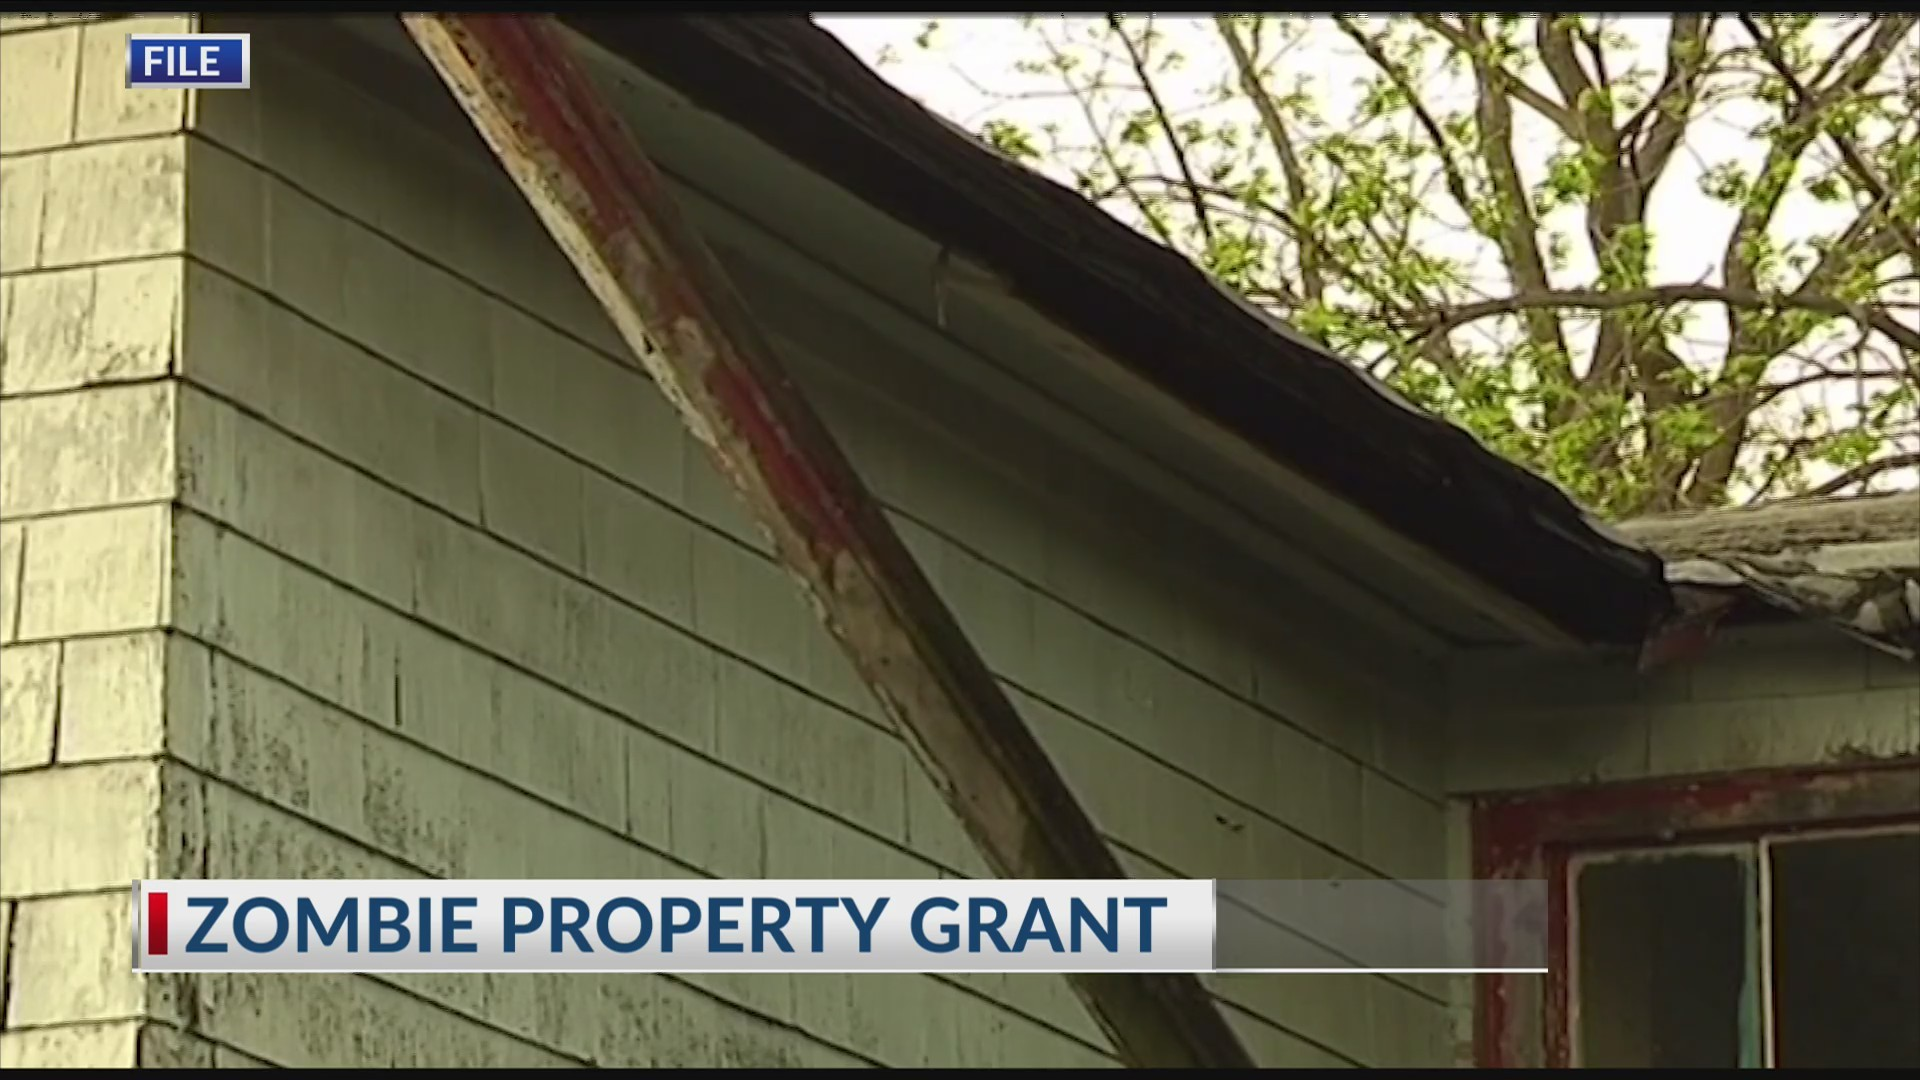 Zombie property grants